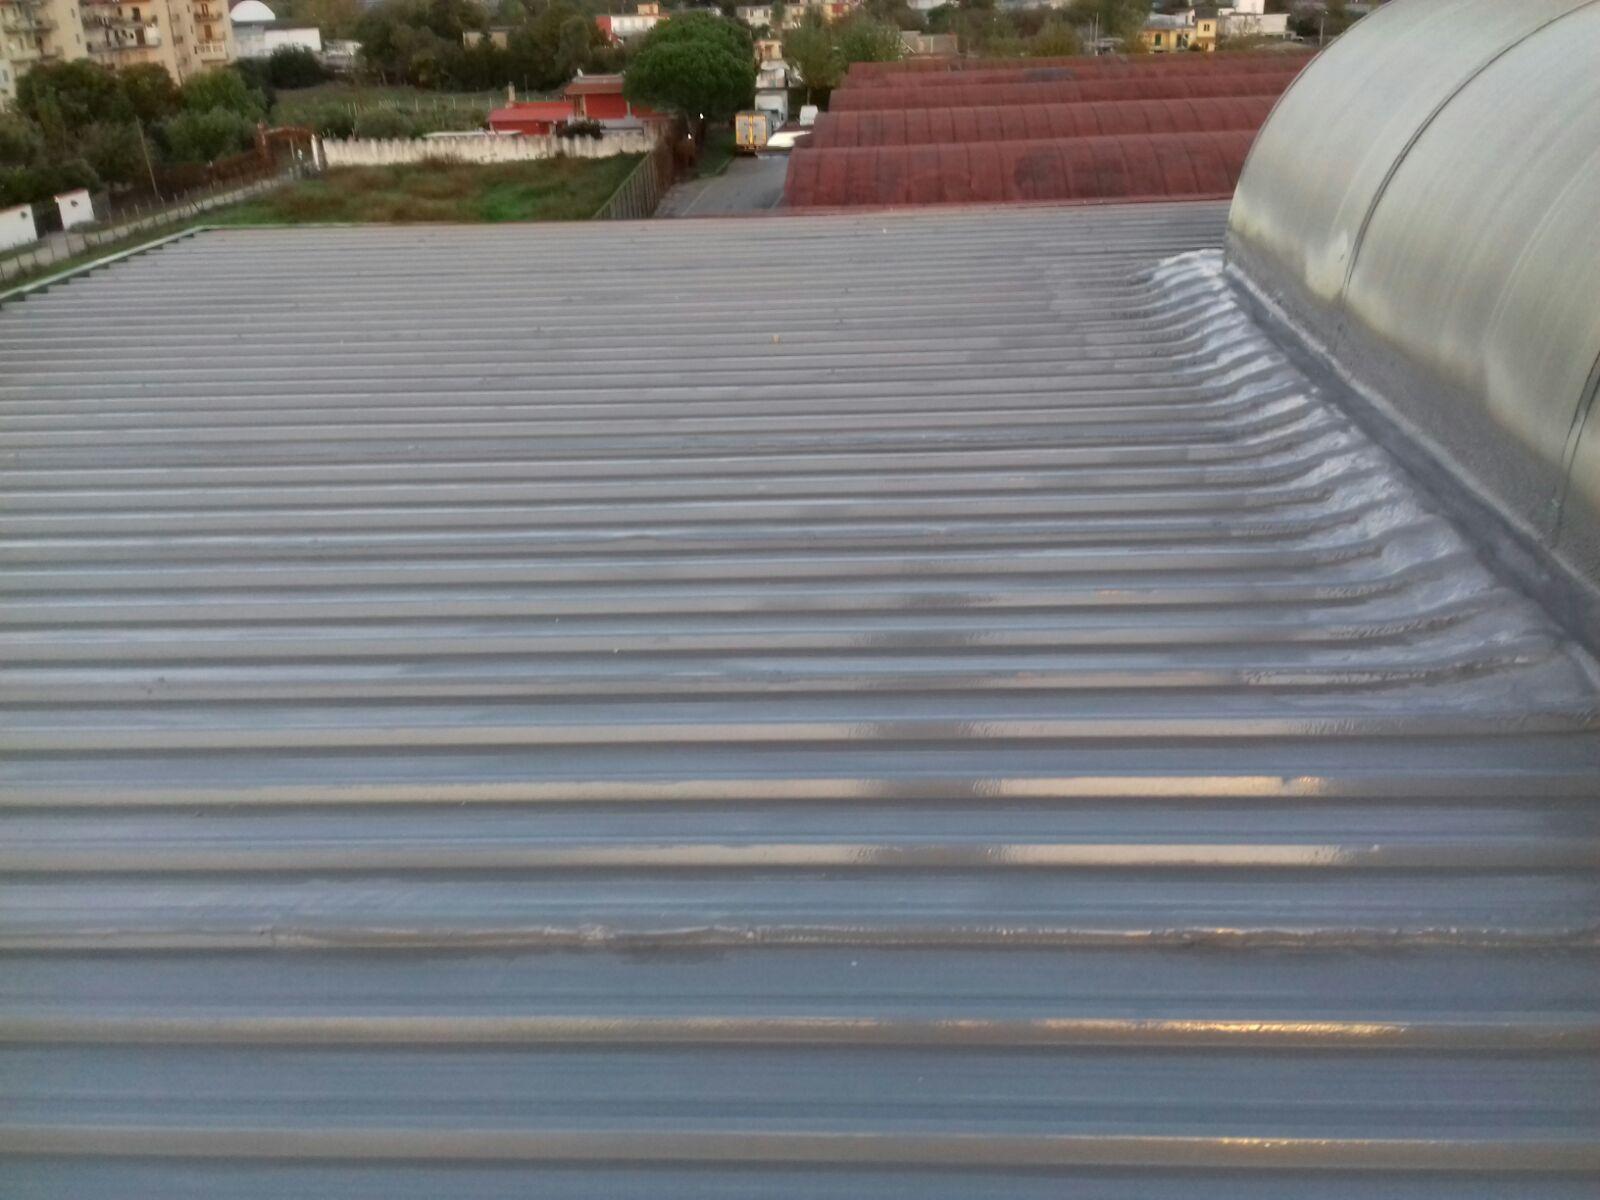 Impermeabilizzazione con poliurea su lamiera metallica